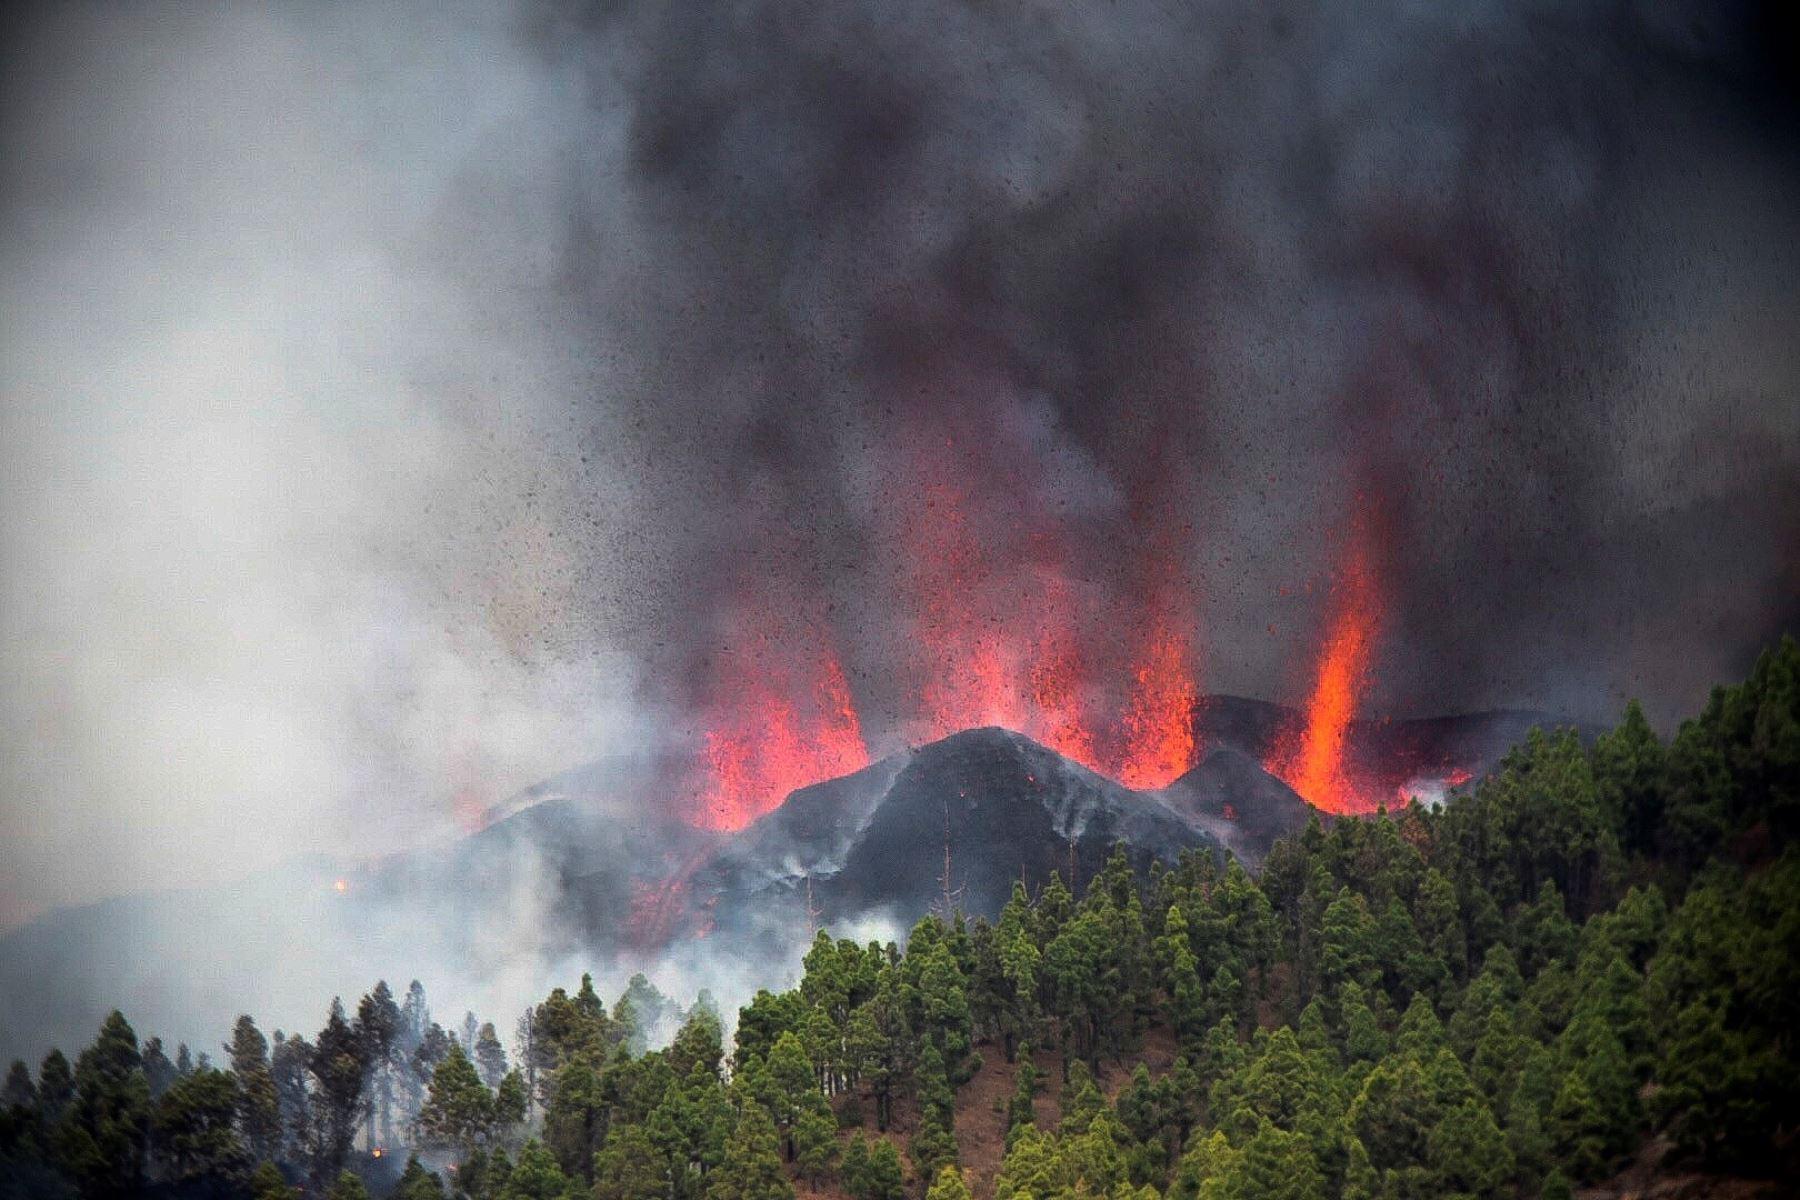 El volcán Cumbre Vieja de la isla canaria de La Palma, en España, entró en erupción este domingo. Foto: EFE